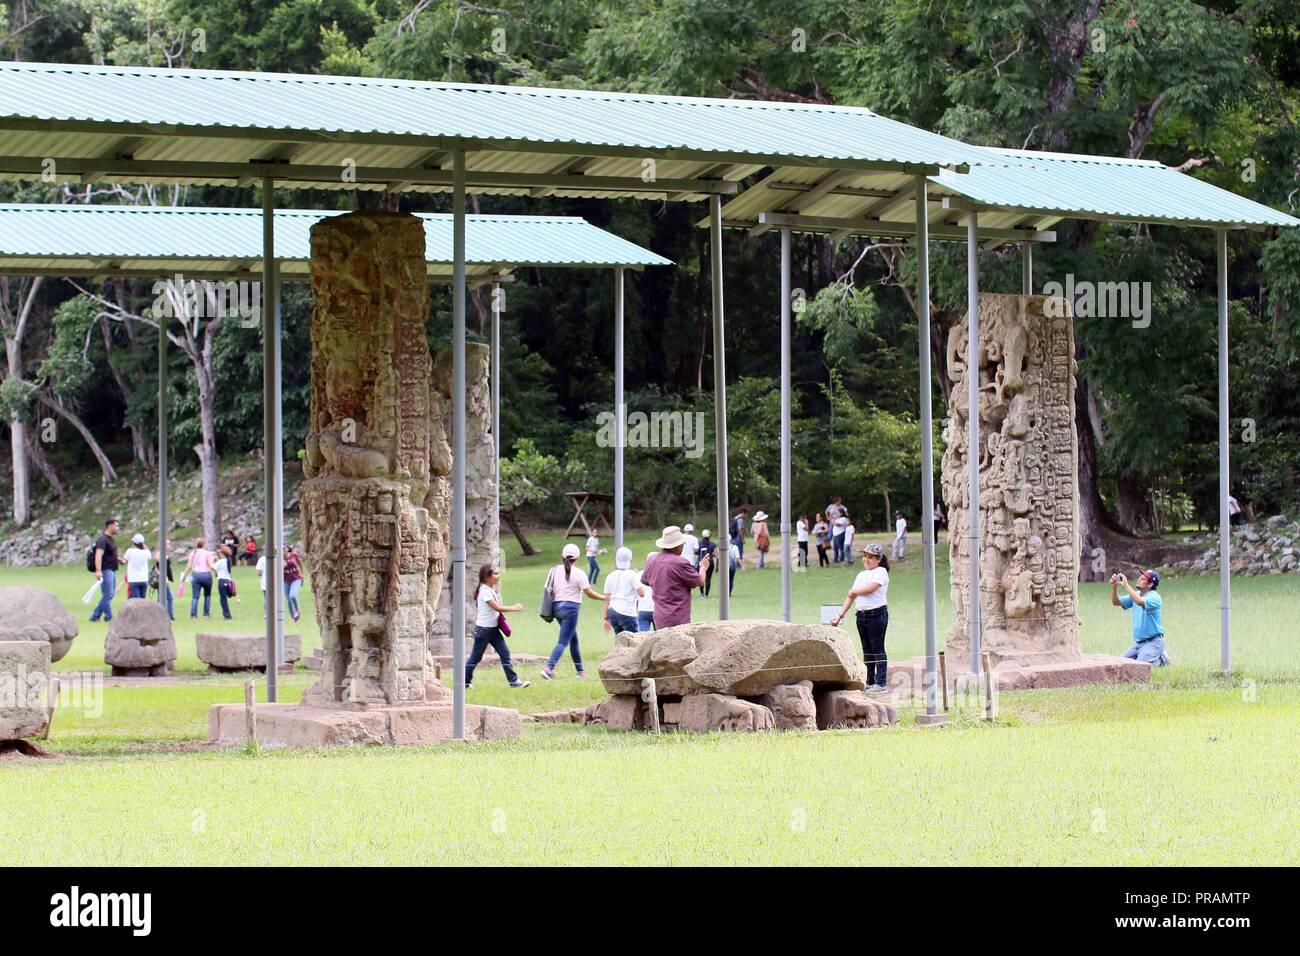 Los turistas visitan el parque de aves Montaña Guacamaya, en las Ruinas de Copán, en Honduras, el 30 de septiembre de 2018. La guacamaya, ave simbólica de los mayas, está en peligro de extinción debido a la aceleración de los daños a su hábitat natural en varias regiones de Honduras, pero en Copan Ruinas de su población, principalmente el rojo, está aumentando poco a poco gracias a un programa de protección se inició en 2001. EFE/Alemán Reyes Imagen De Stock